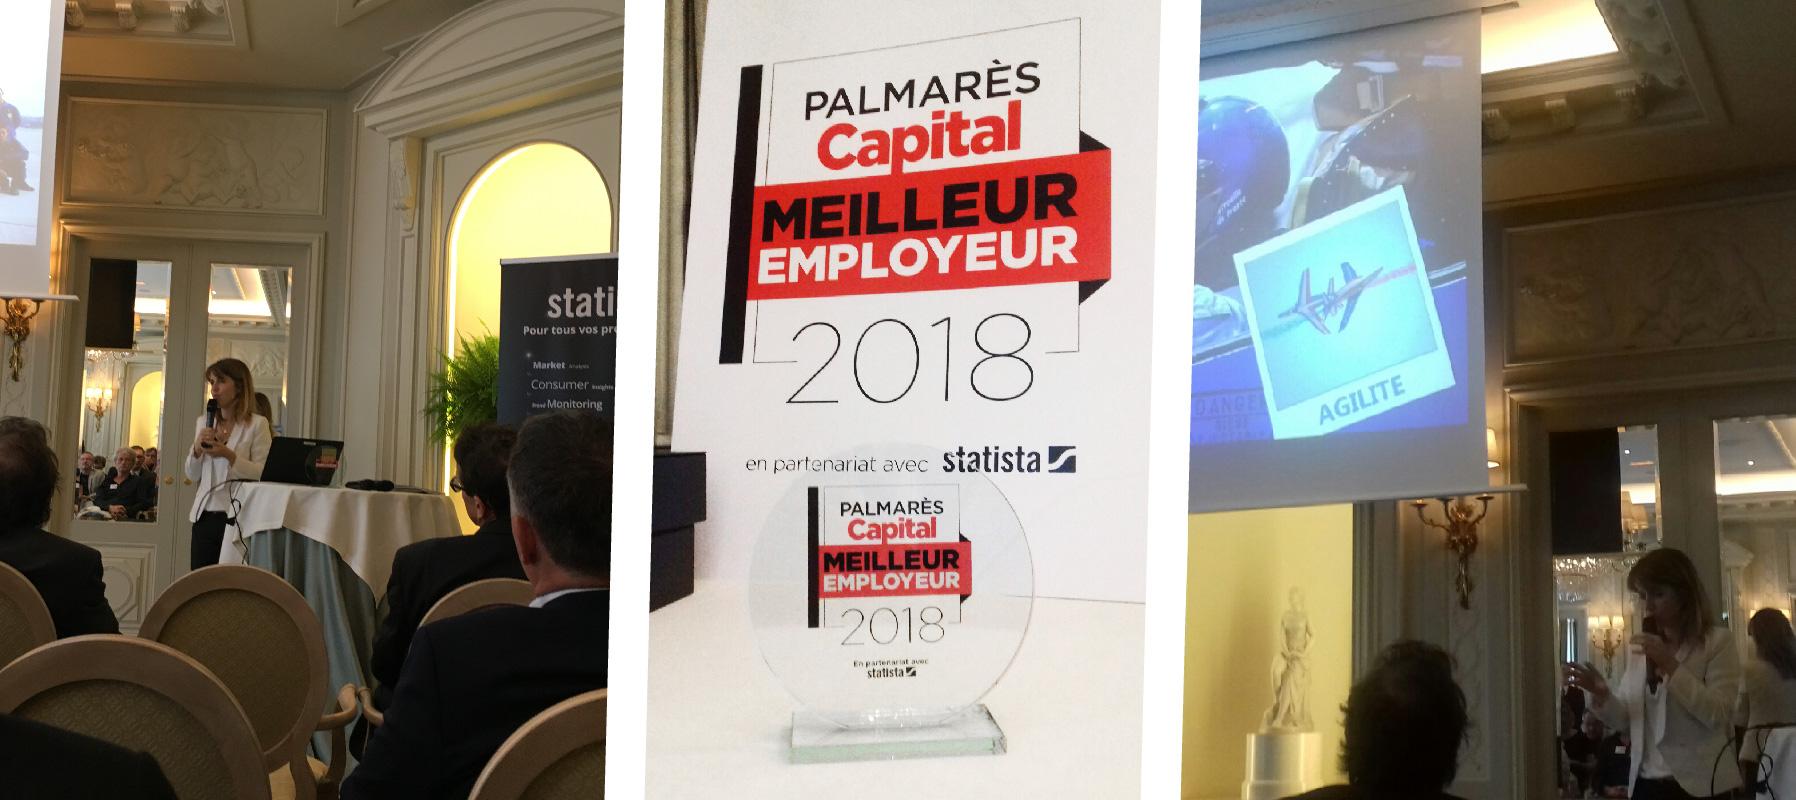 Goron a reçu le trophée de meilleur employeur 2018 dans un palace parisien